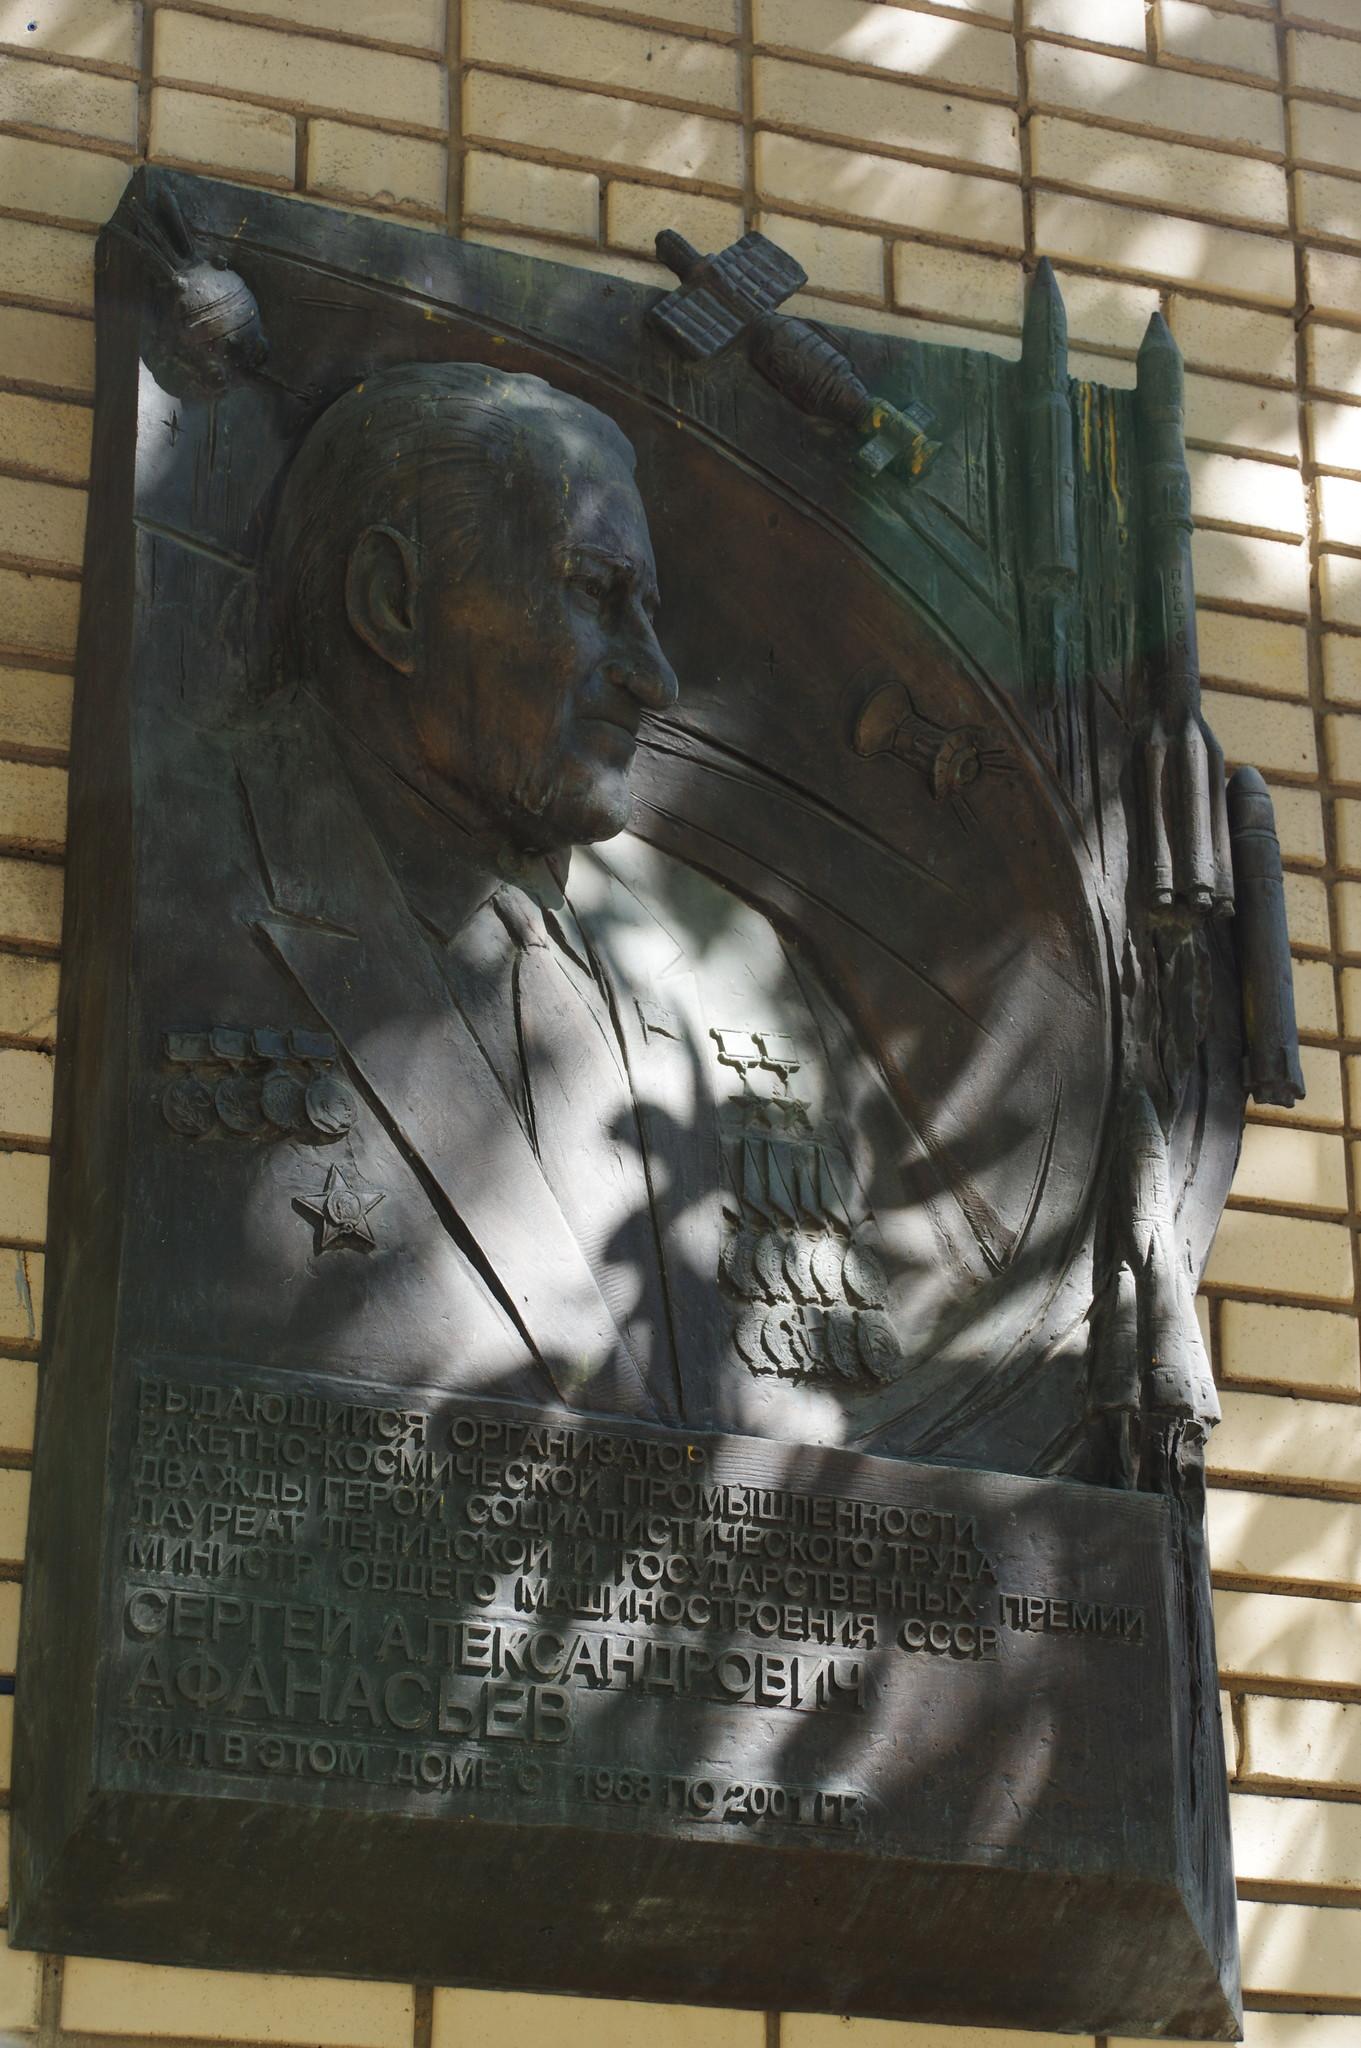 Мемориальная доска установленная на доме Москве, где с 1968 года по 2001 год жил дважды Герой Социалистического Труда Сергей Александрович Афанасьев (улица Спиридоновка, дом 18)